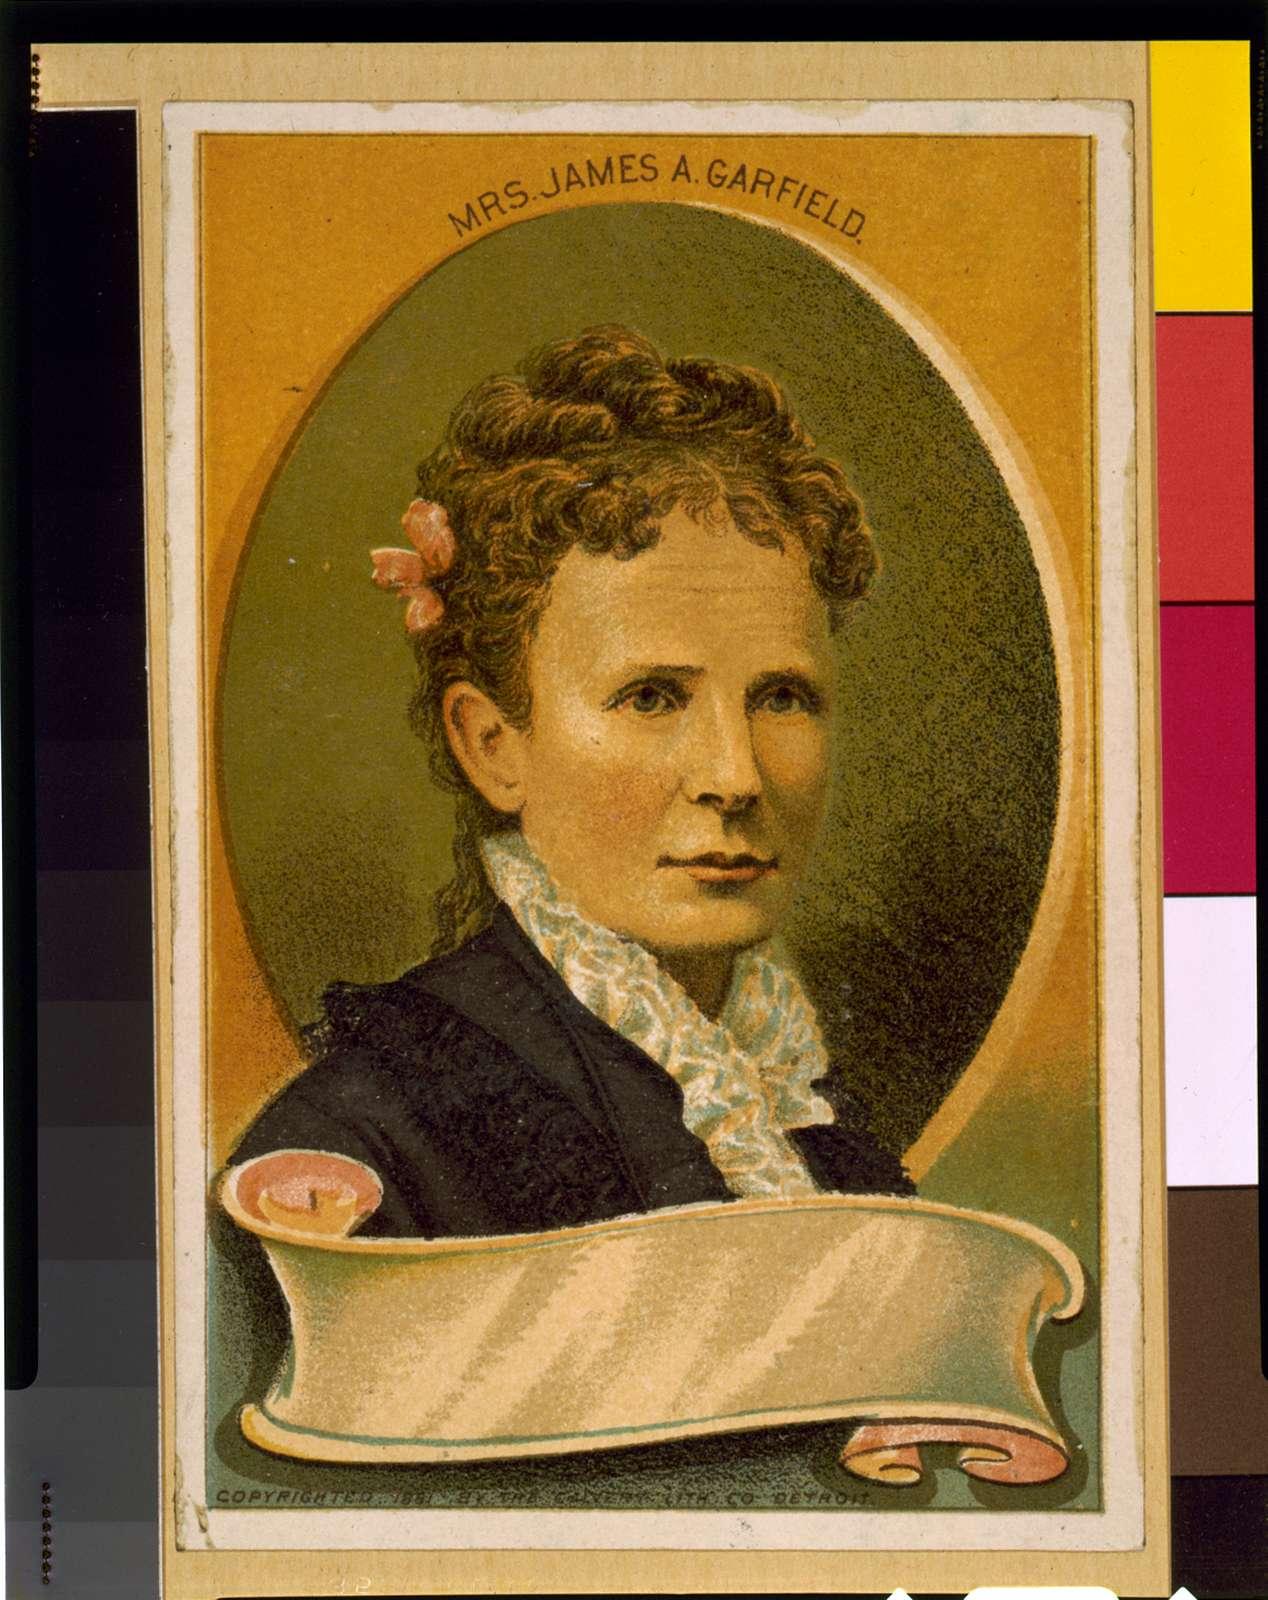 Mrs. James A. Garfield